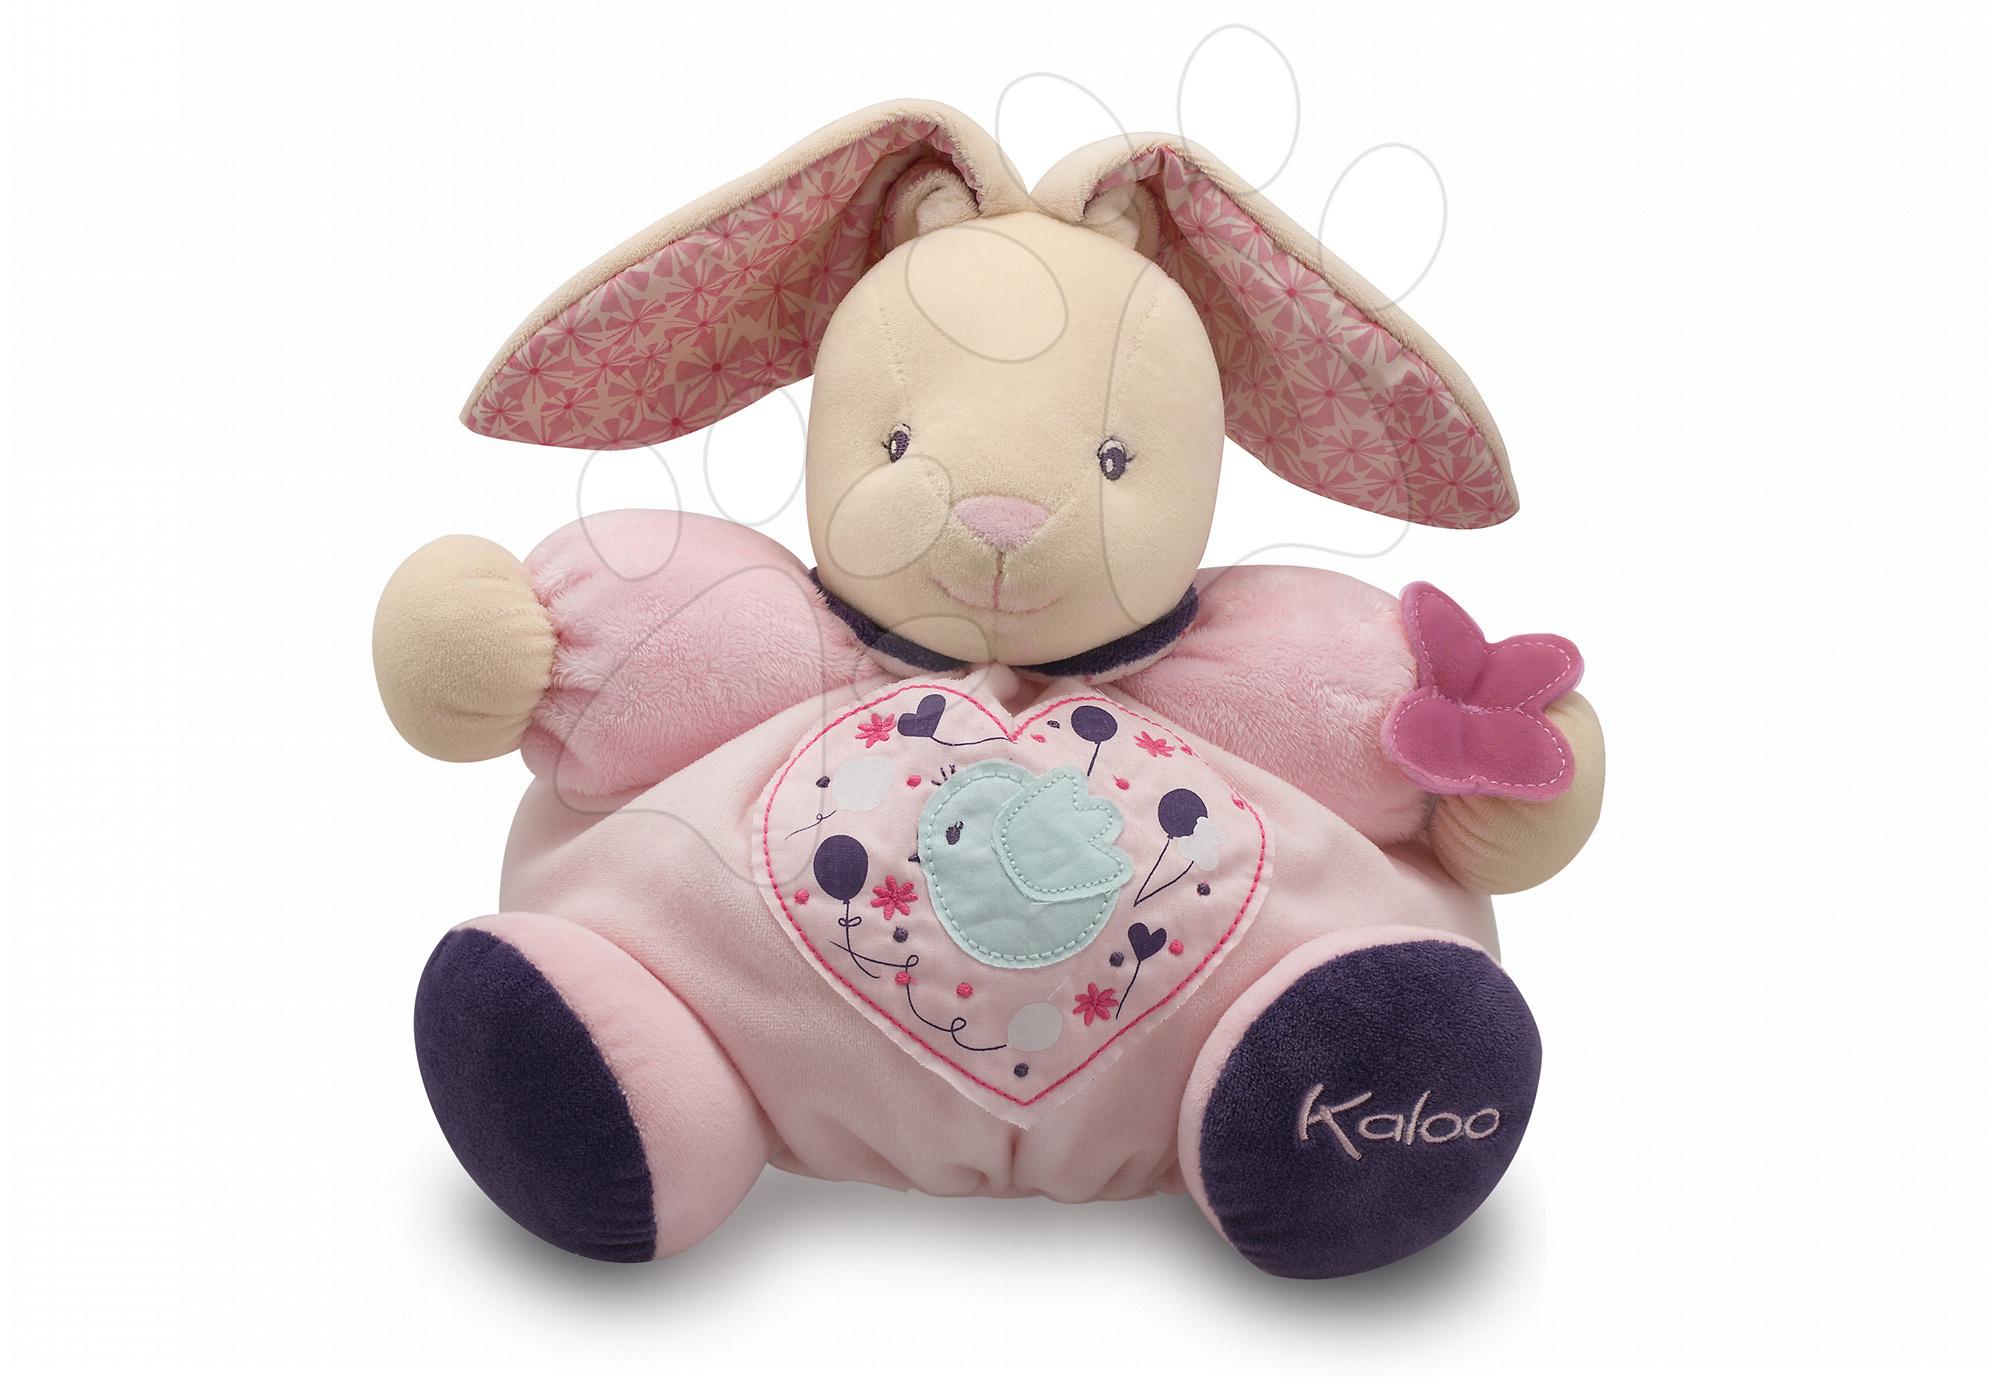 Plyšový zajačik Petite Rose-Chubby Rabbit Birdie Kaloo s hrkálkou 30 cm v darčekovom balení pre najmenších ružový